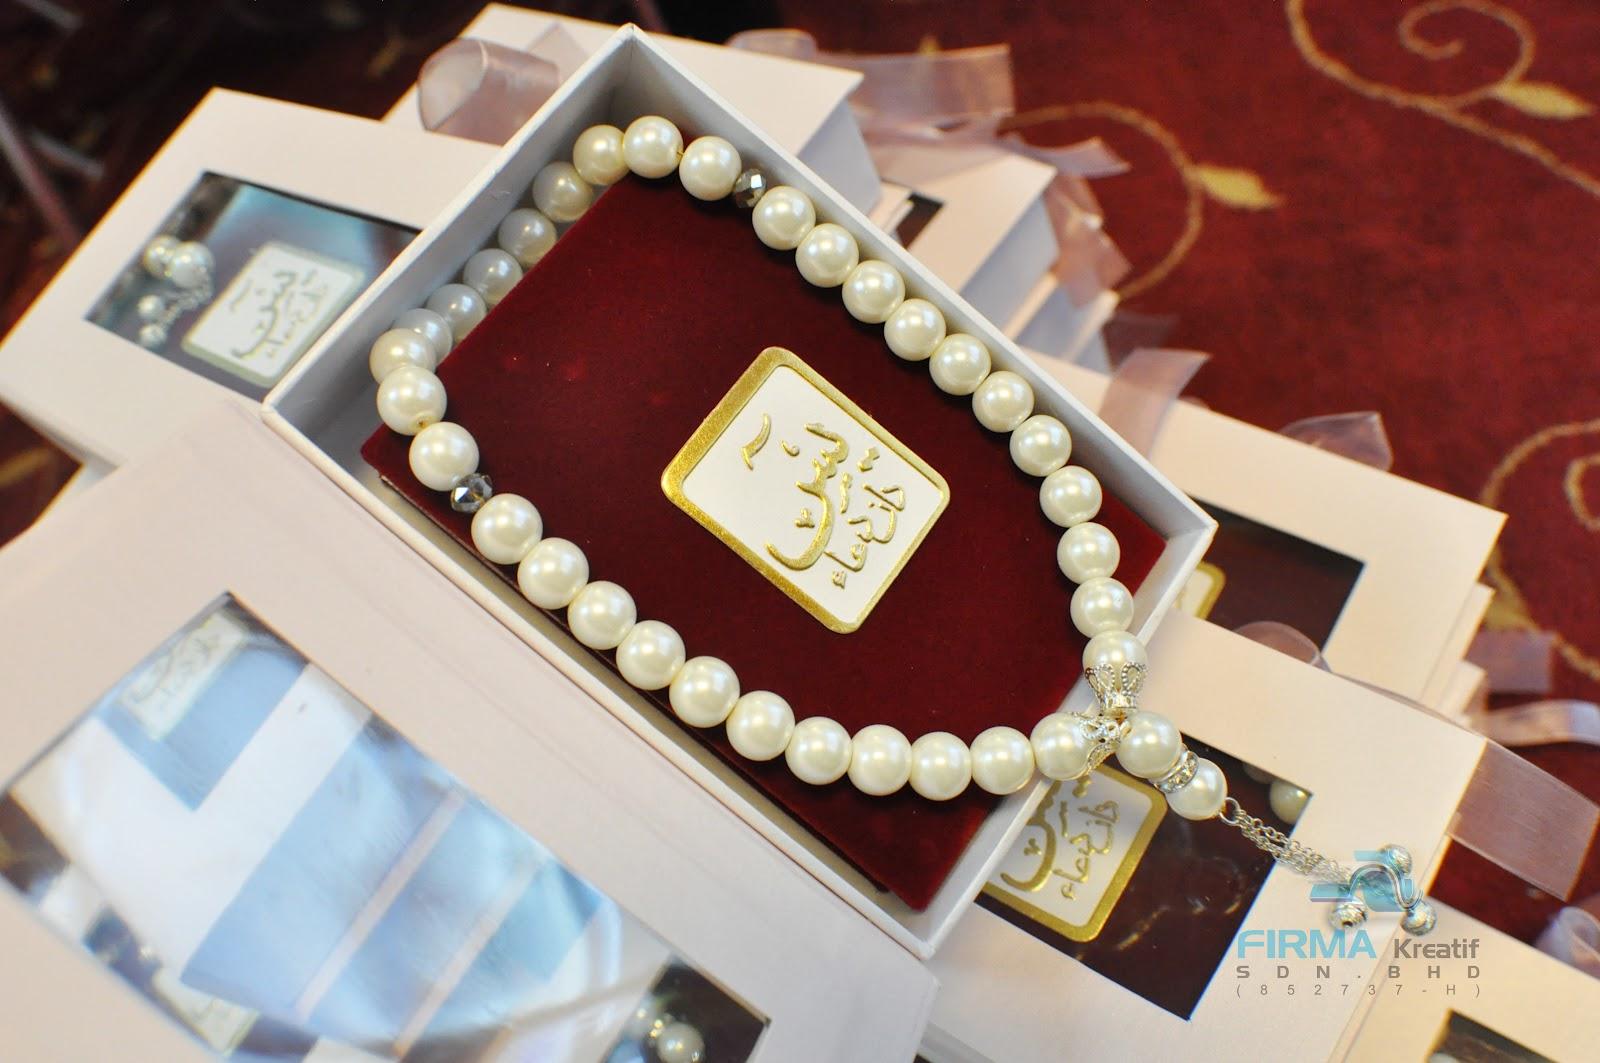 http://2.bp.blogspot.com/-CiiBlwUMYIQ/T_V6ANYzT8I/AAAAAAAAA6o/3viwWsZ8KGM/s1600/Yasin+++Hardcover+Box+++Tasbih+-+Razif+&+Vee+1.jpg